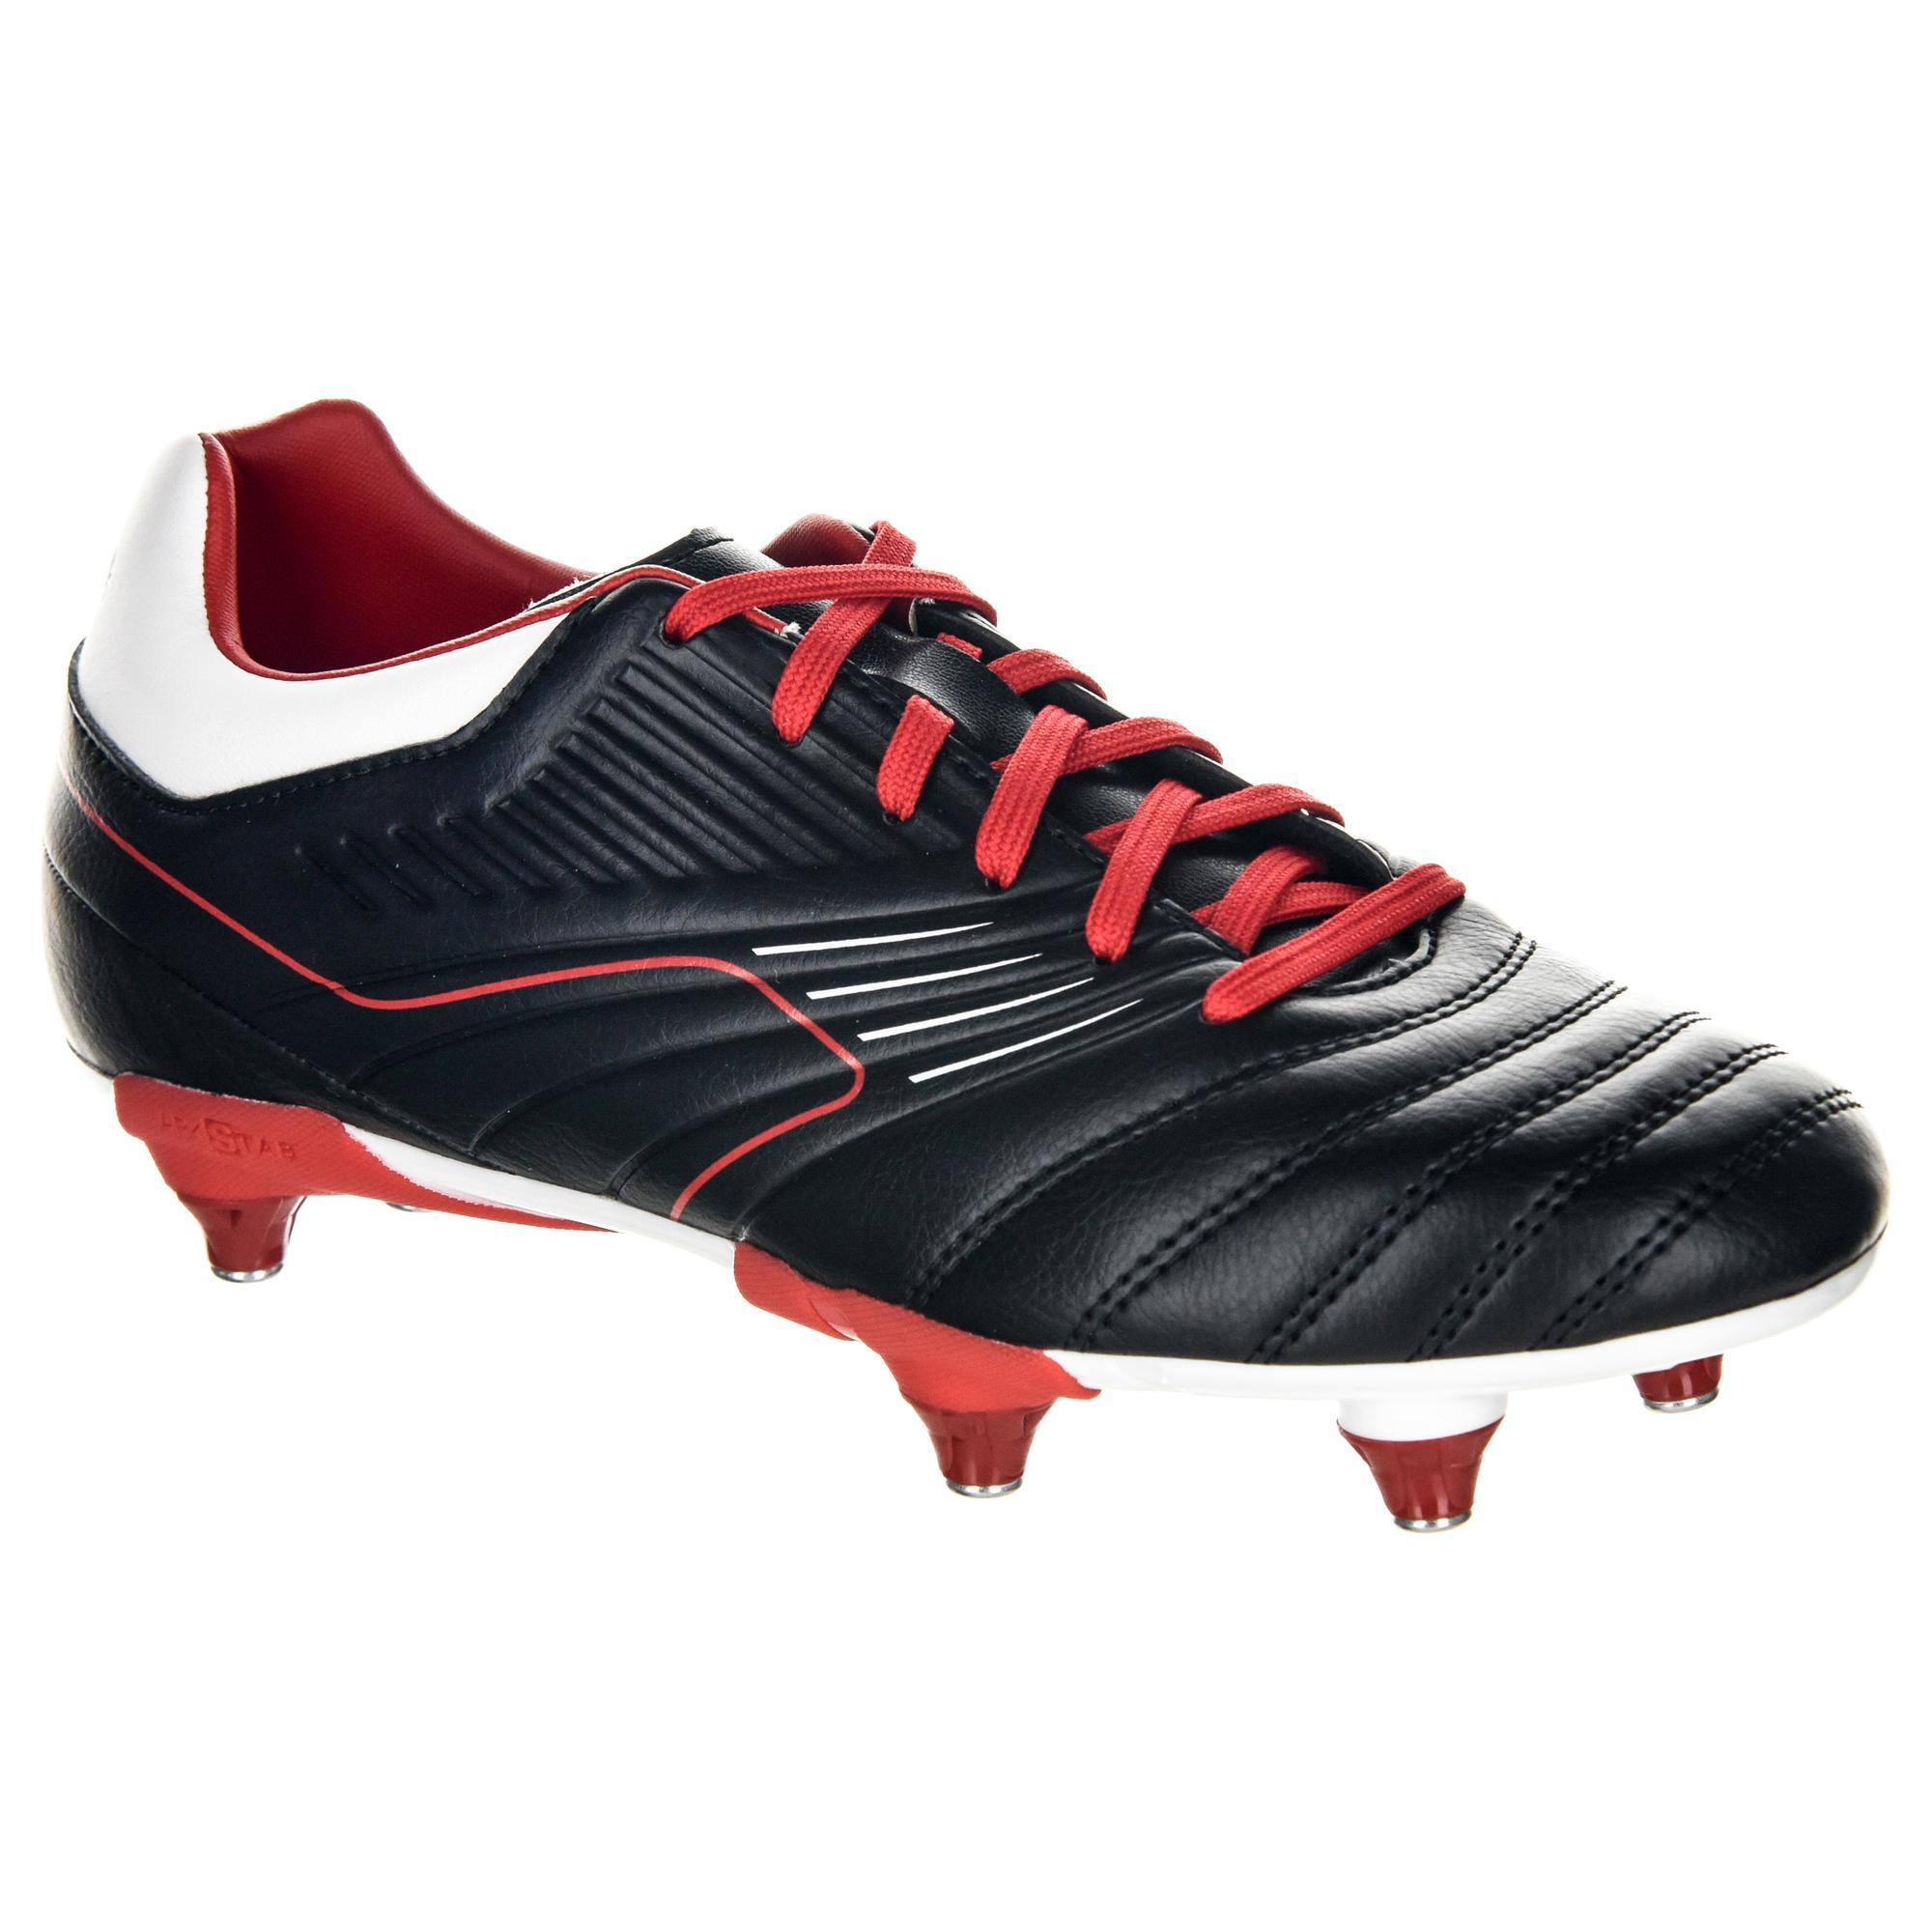 online retailer d6979 42f27 Comprar botas de rugby para adultos y niños  Decathlon